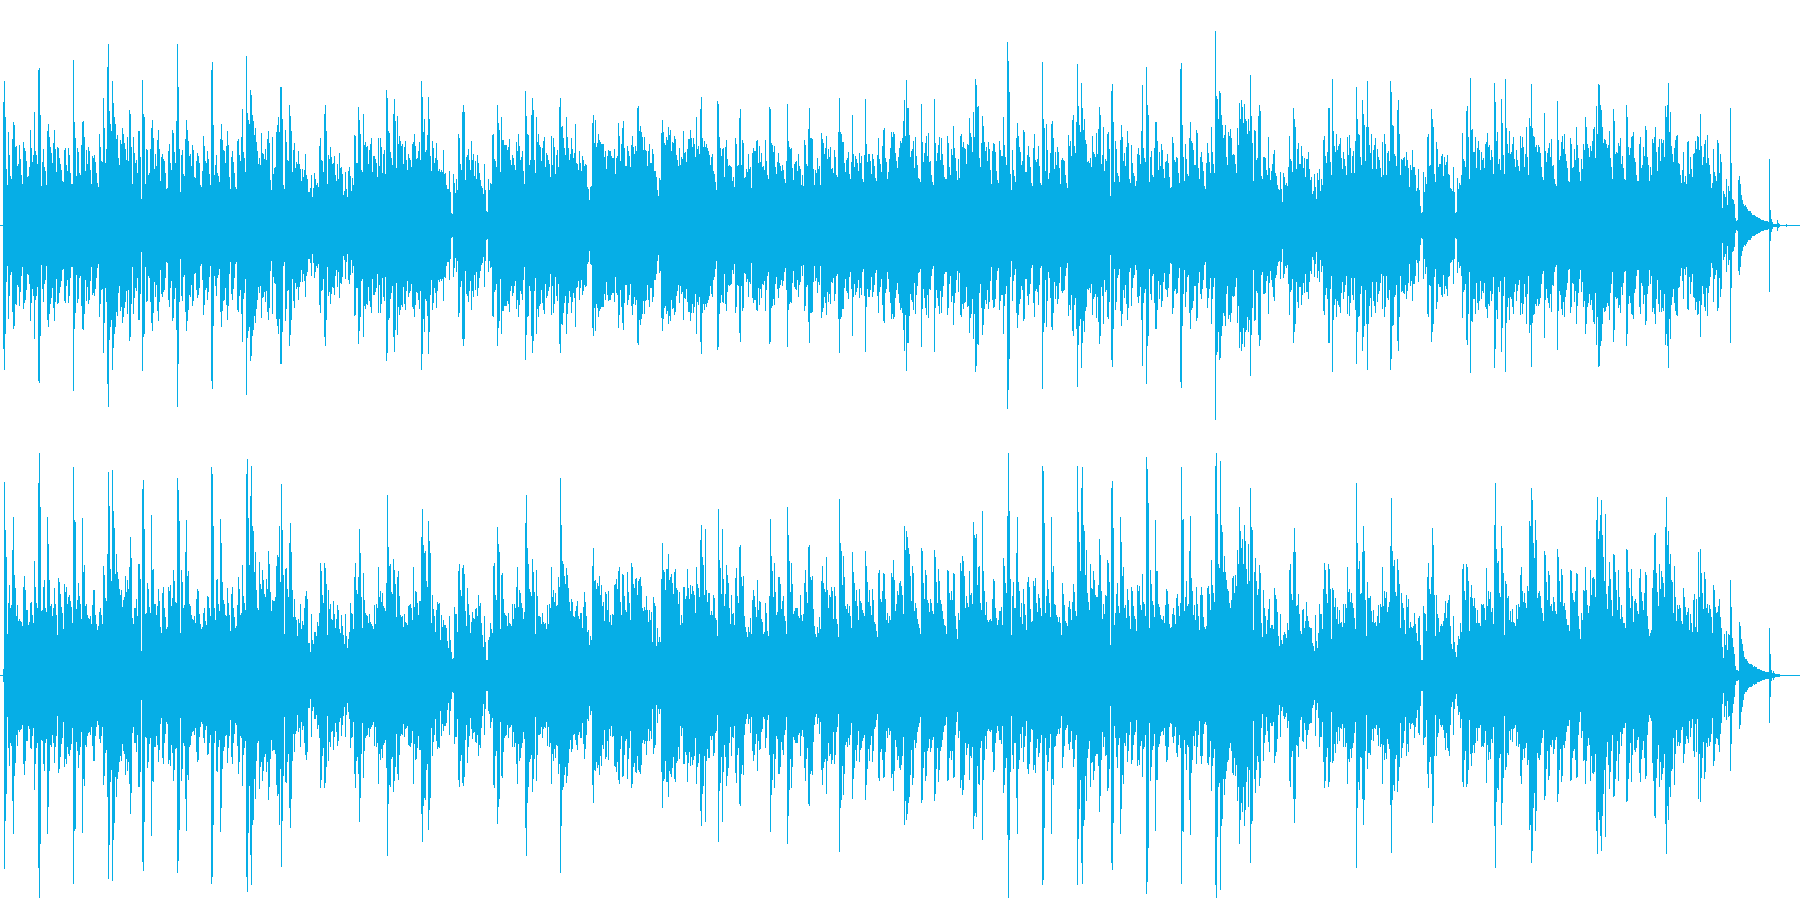 アウトドアのワイルドソロギターの再生済みの波形